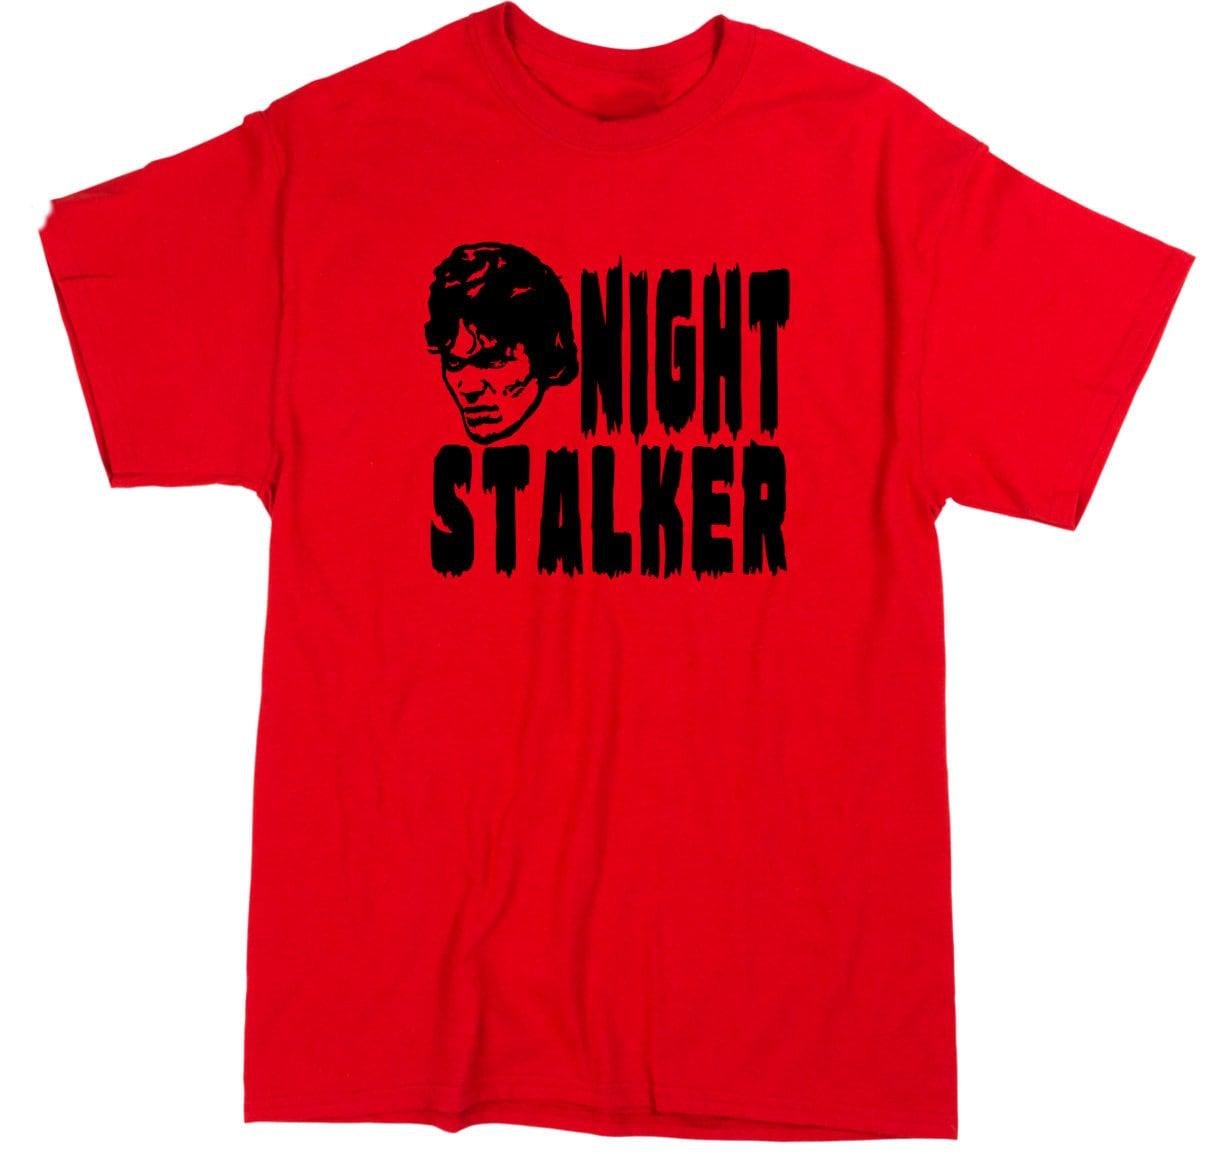 Richard Ramirez Night Stalker Satan Serial Killer True